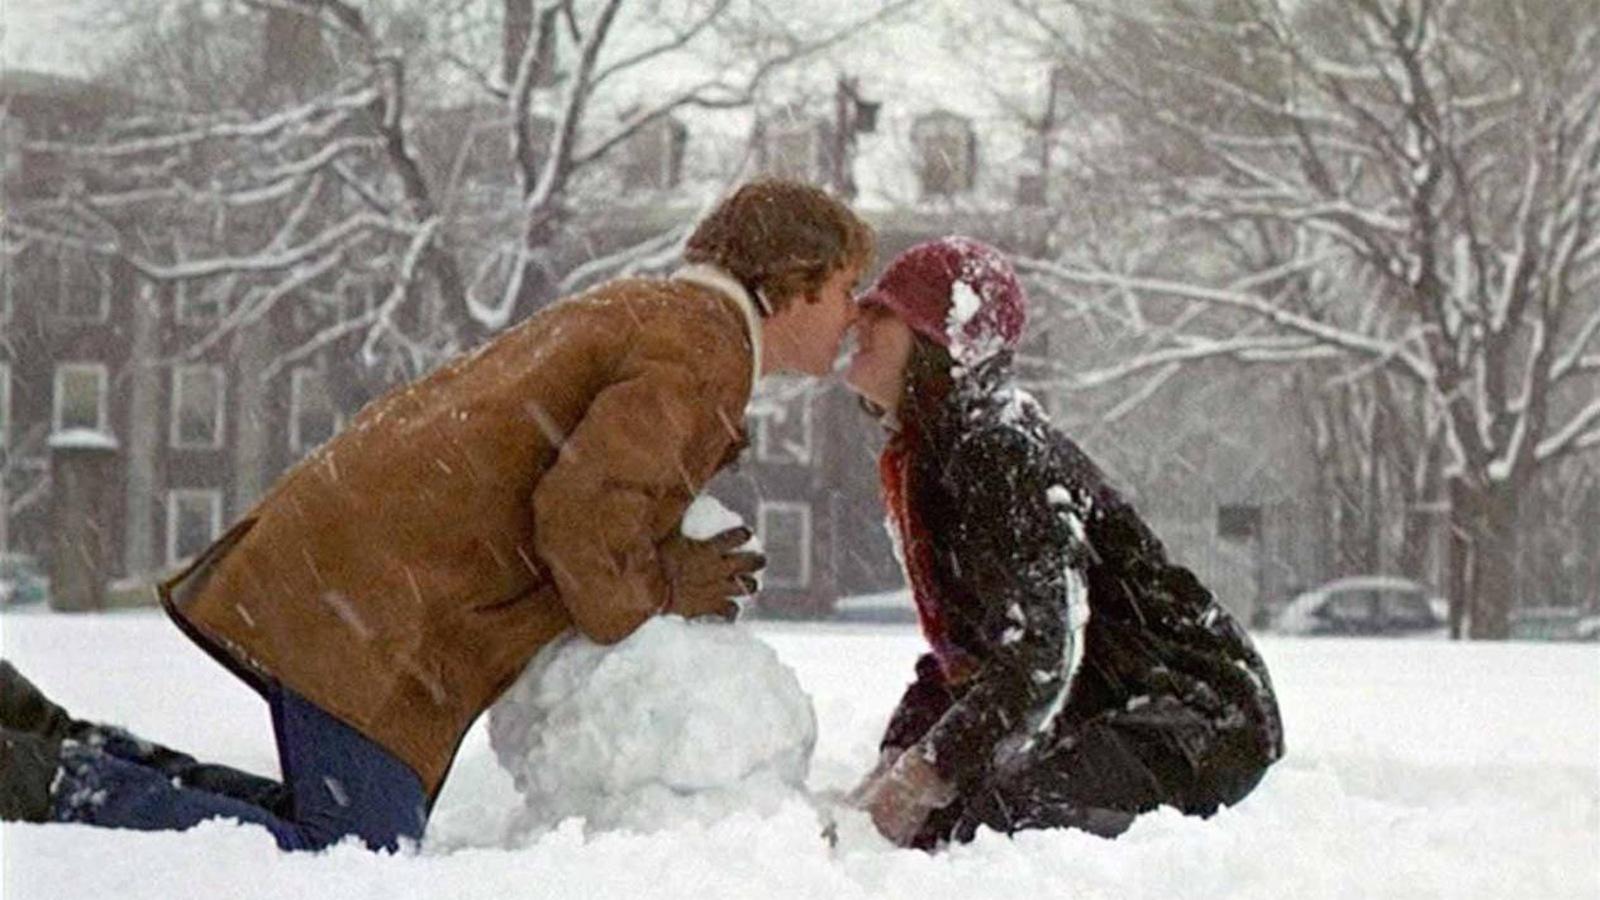 Un couple s'embrasse, sous la neige, au-dessus d'un bonhomme de neige qu'ils construisent.